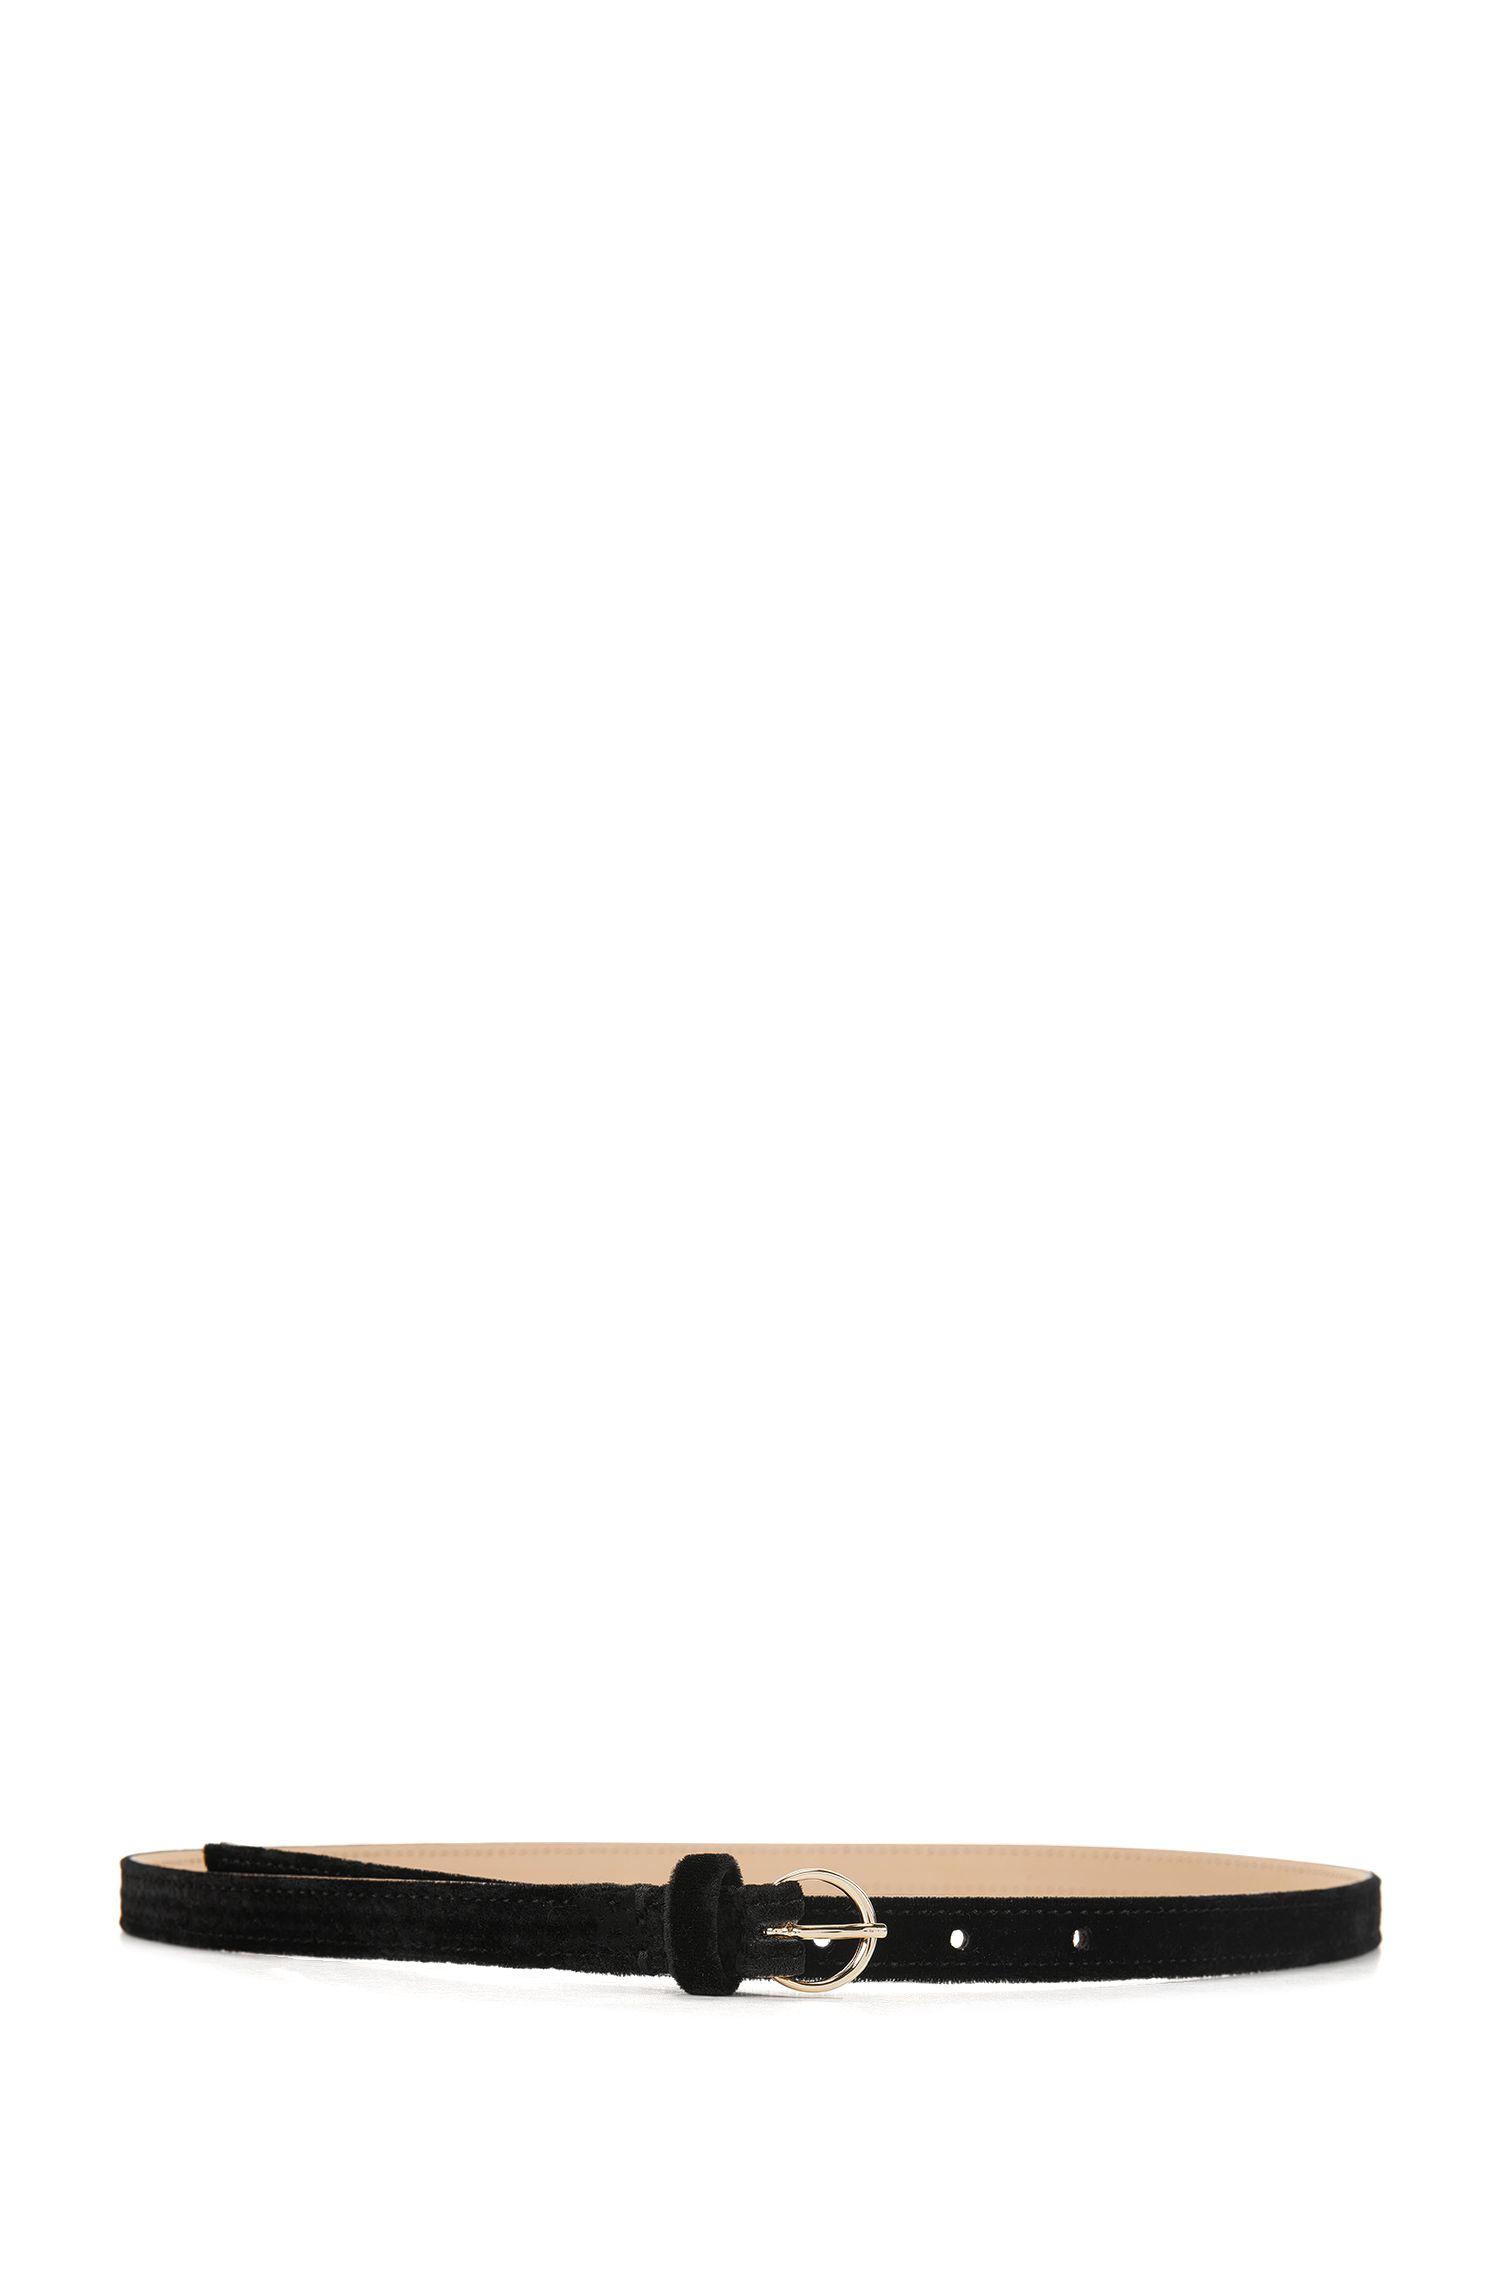 Cinturón de terciopelo con hebilla redonda